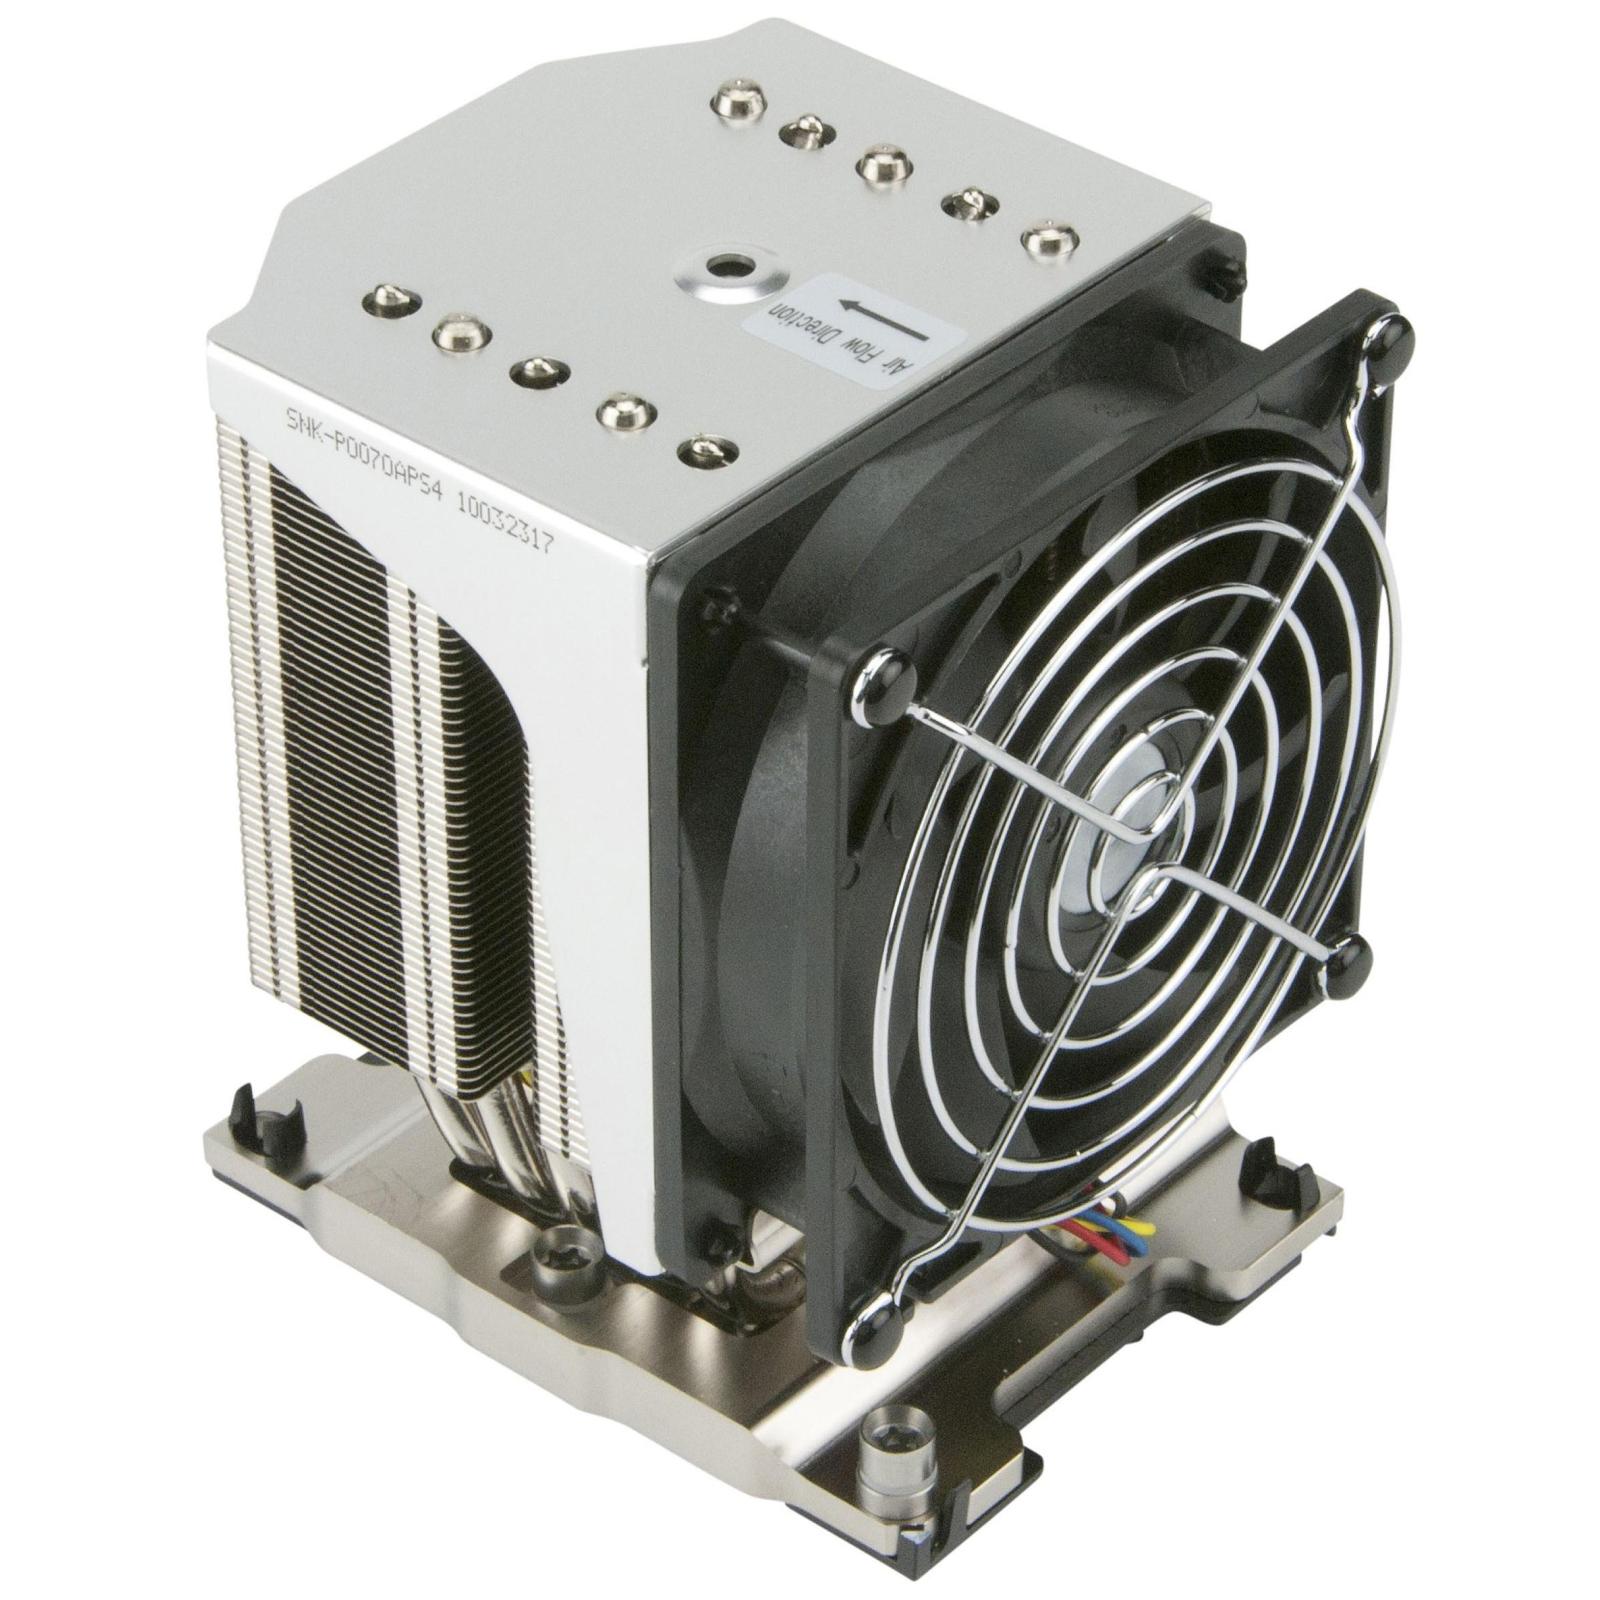 Кулер Supermicro SNK-P0070APS4/LGA3647/4U Active (SNK-P0070APS4)